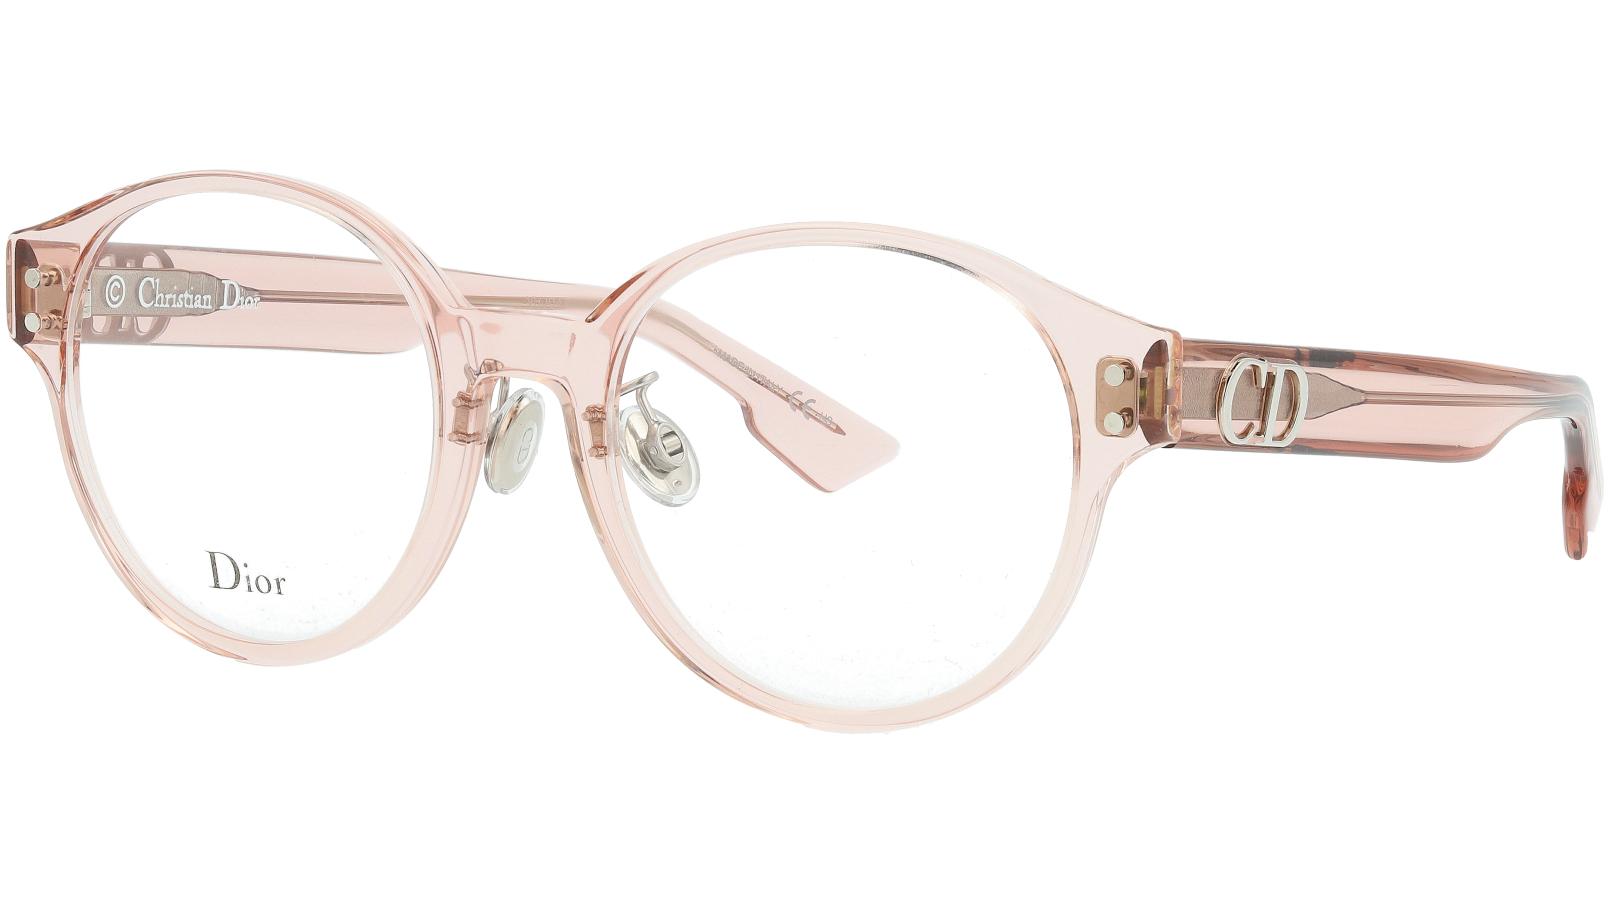 Dior CD3F FWM 50 Nude Glasses